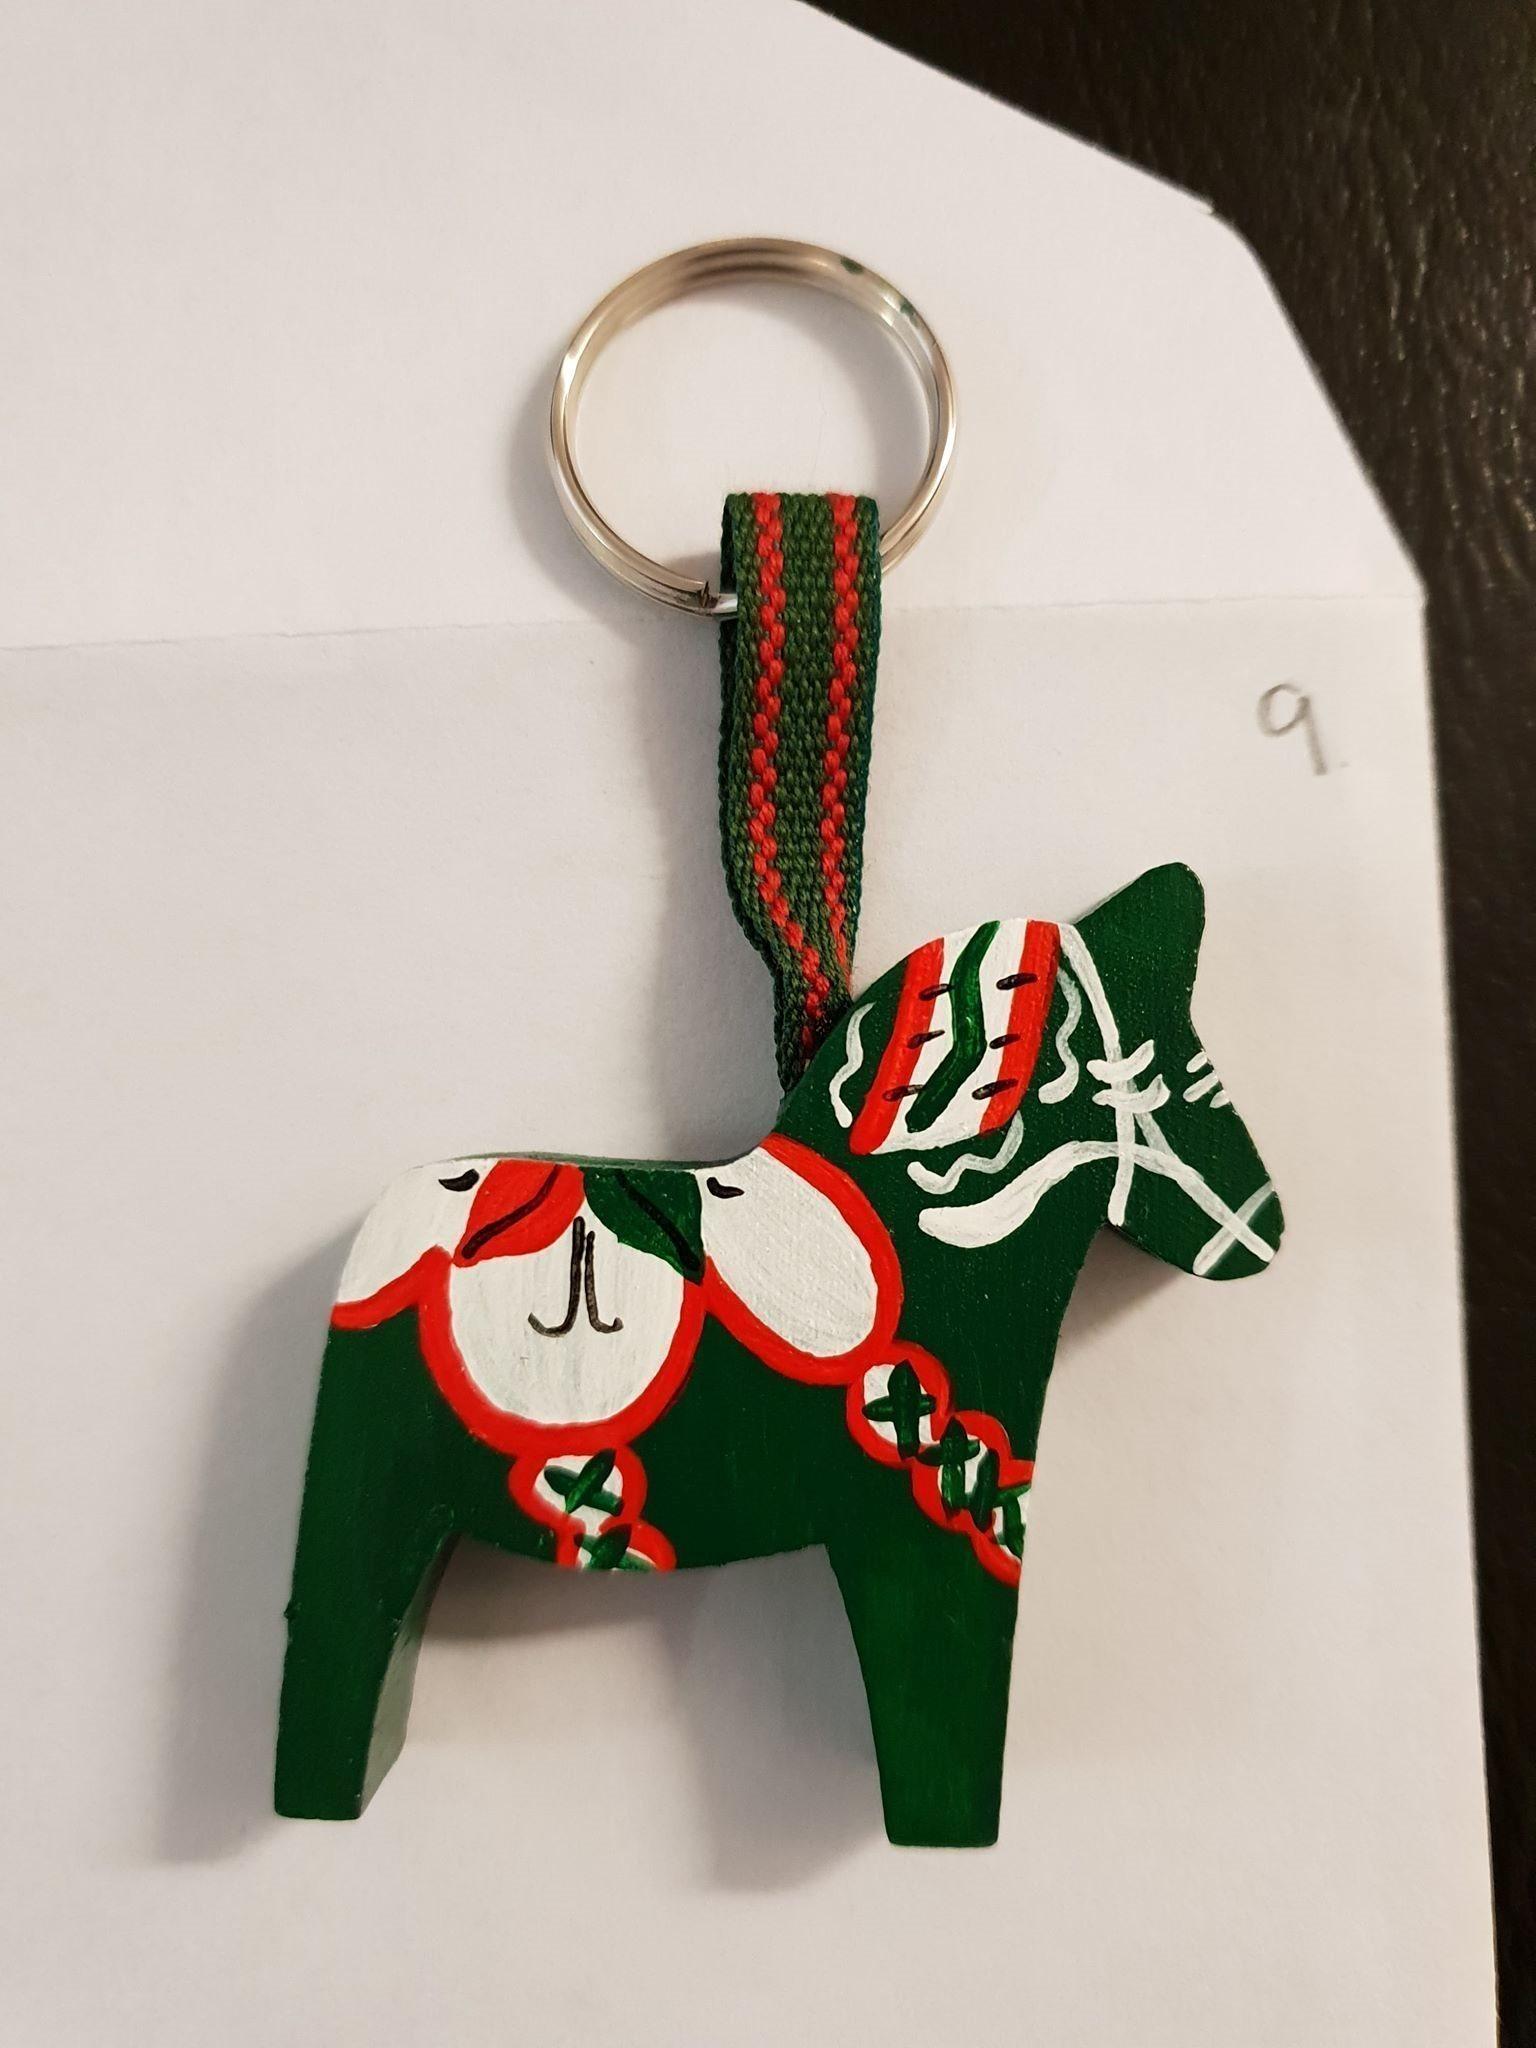 Nyckelring dalahäst (340680738) ᐈ Köp på Tradera 6baa32568d60d